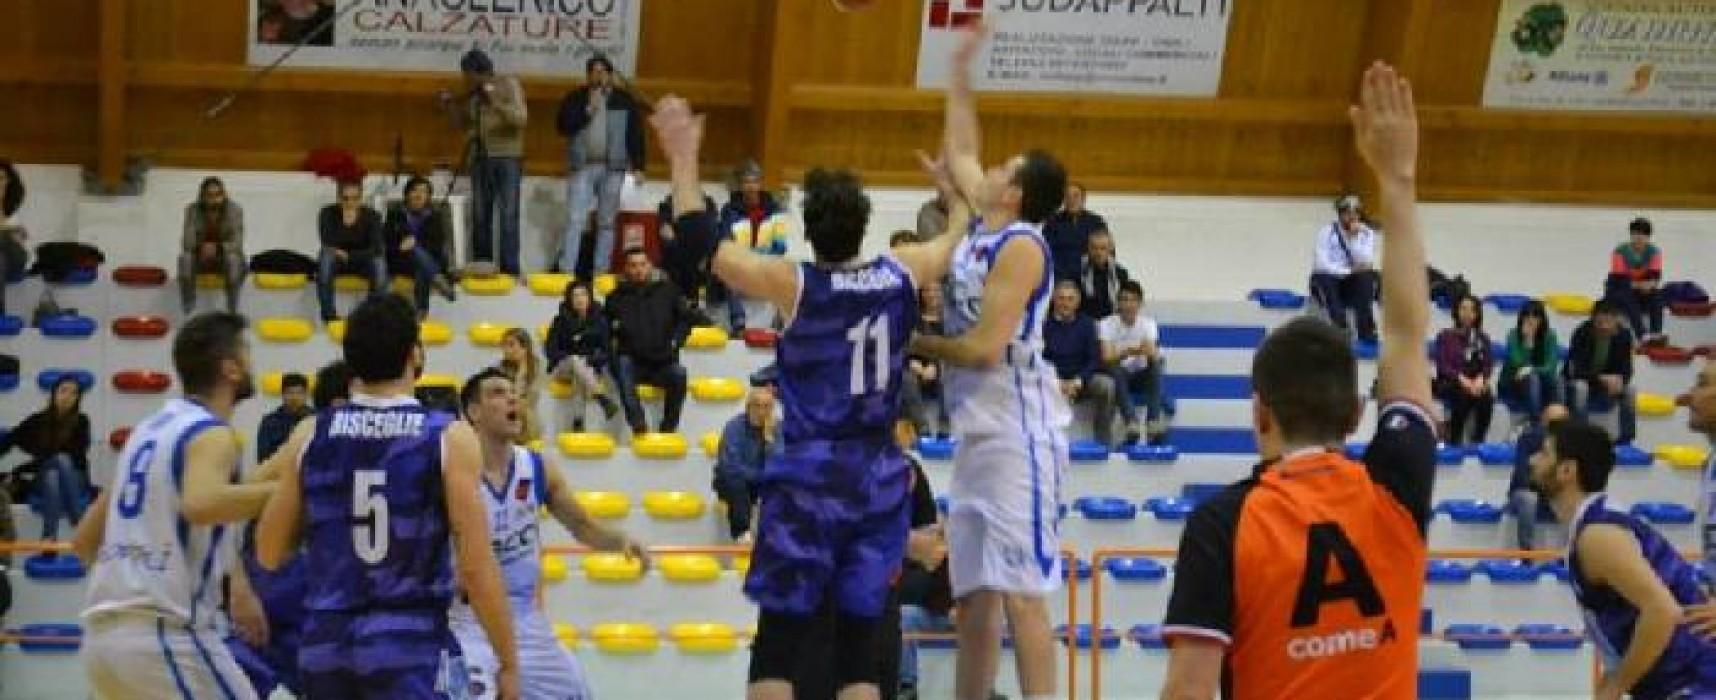 Ambrosia Bisceglie, Agropoli nuovo ostacolo playoff